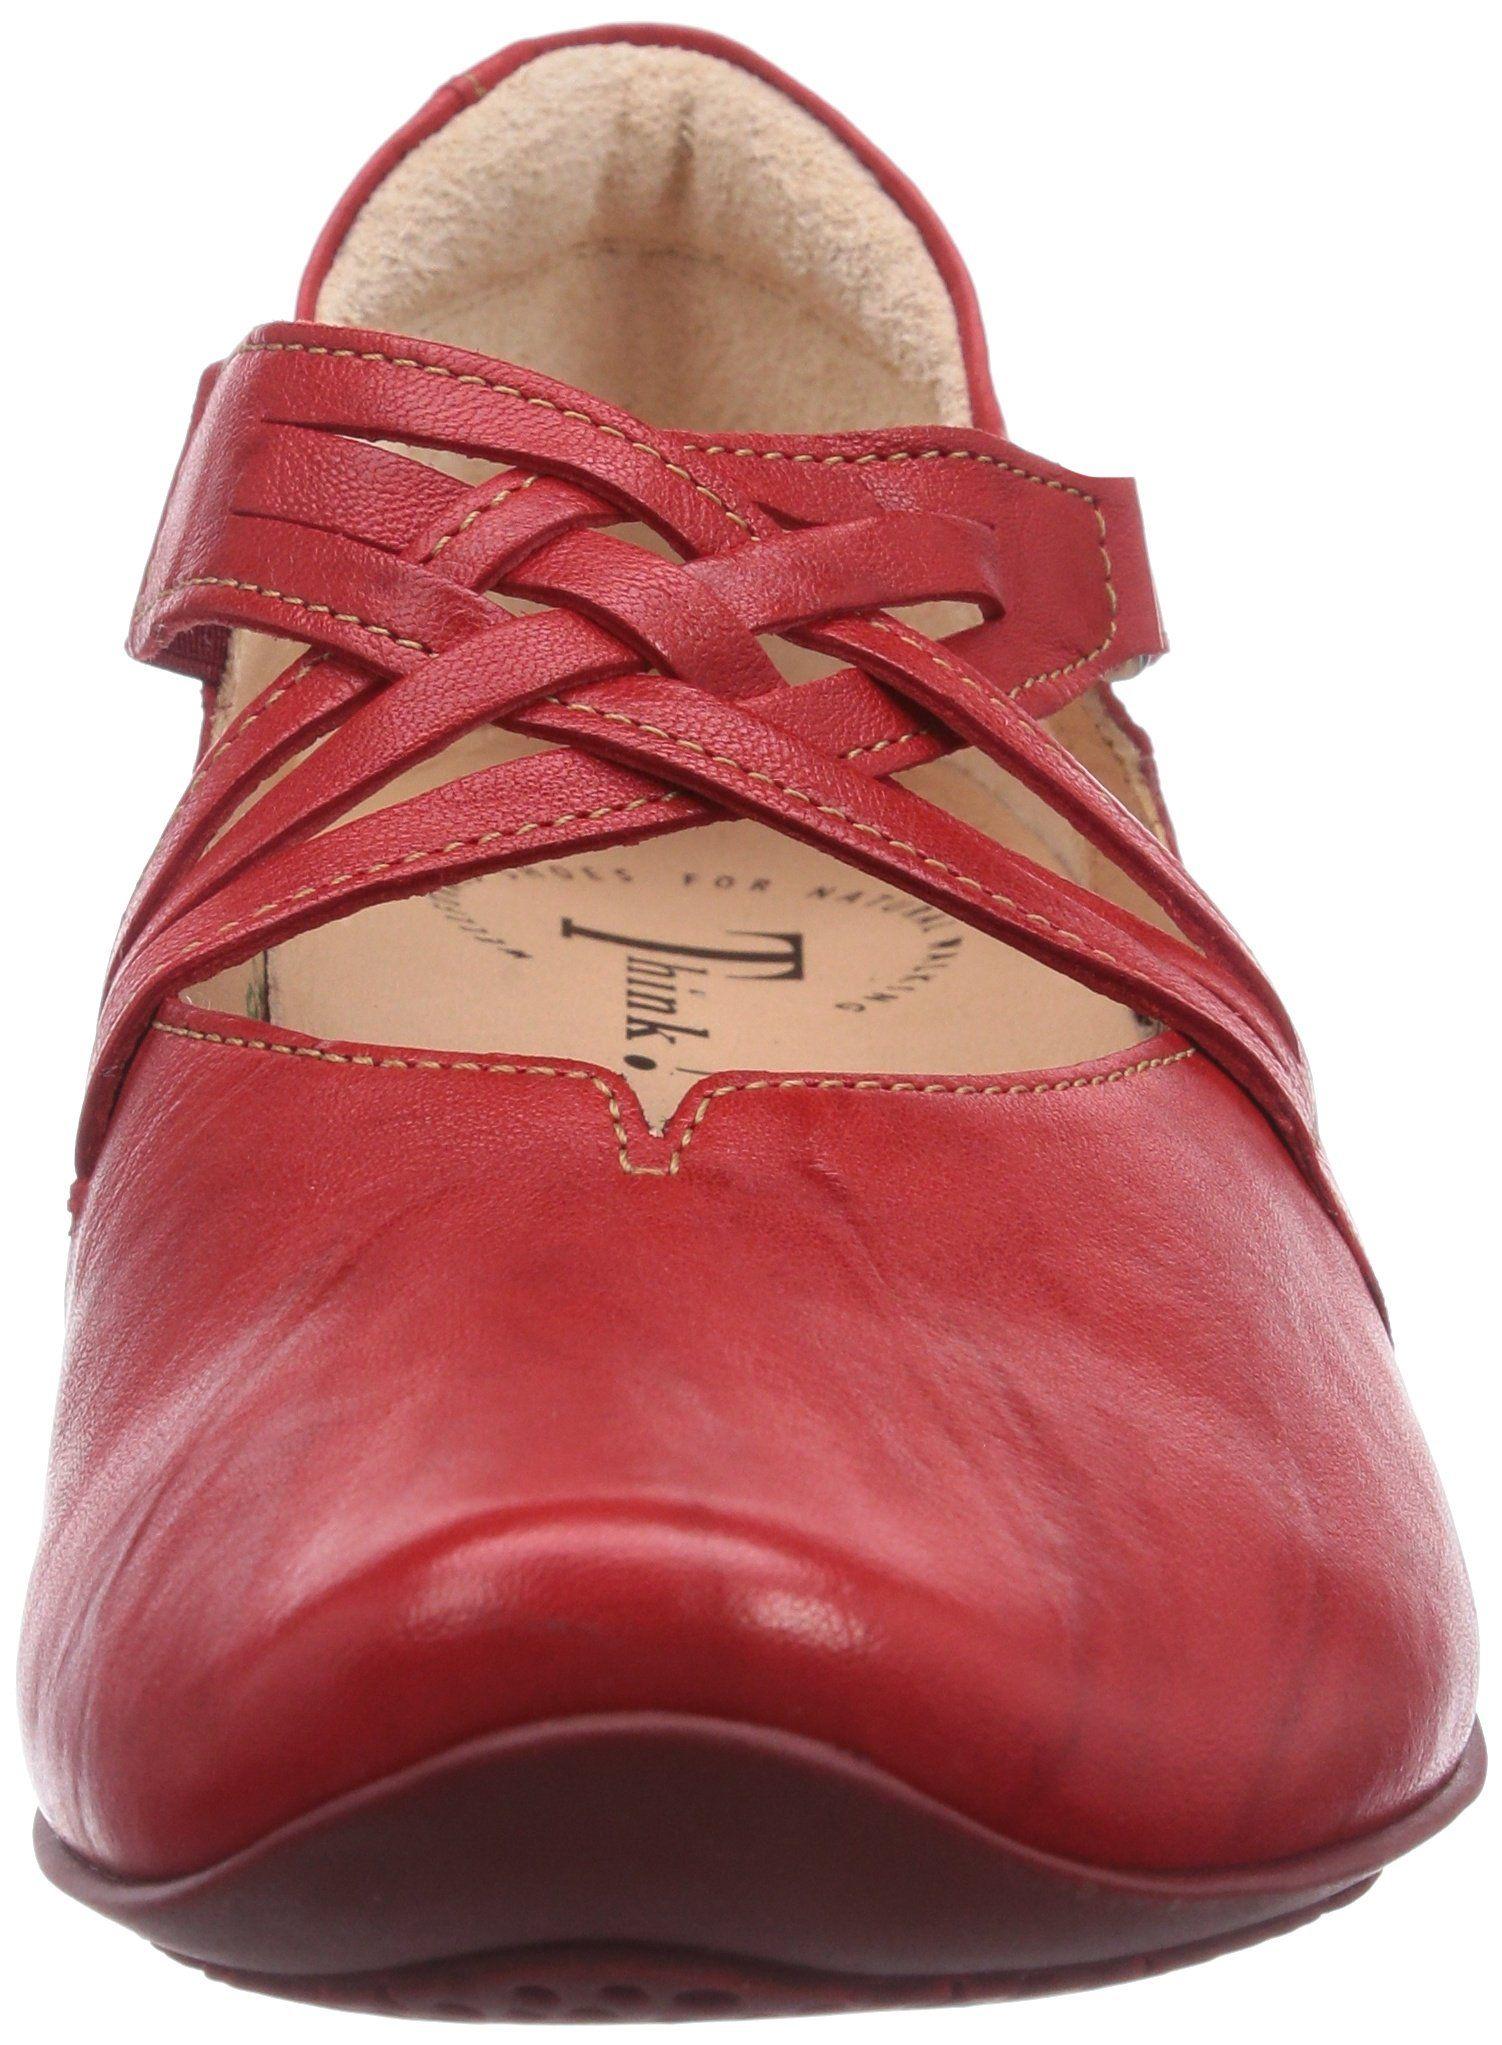 ca183f7eeb1d33 Think CHILLI Damen Knöchelriemchen Ballerinas  Amazon.de  Schuhe    Handtaschen